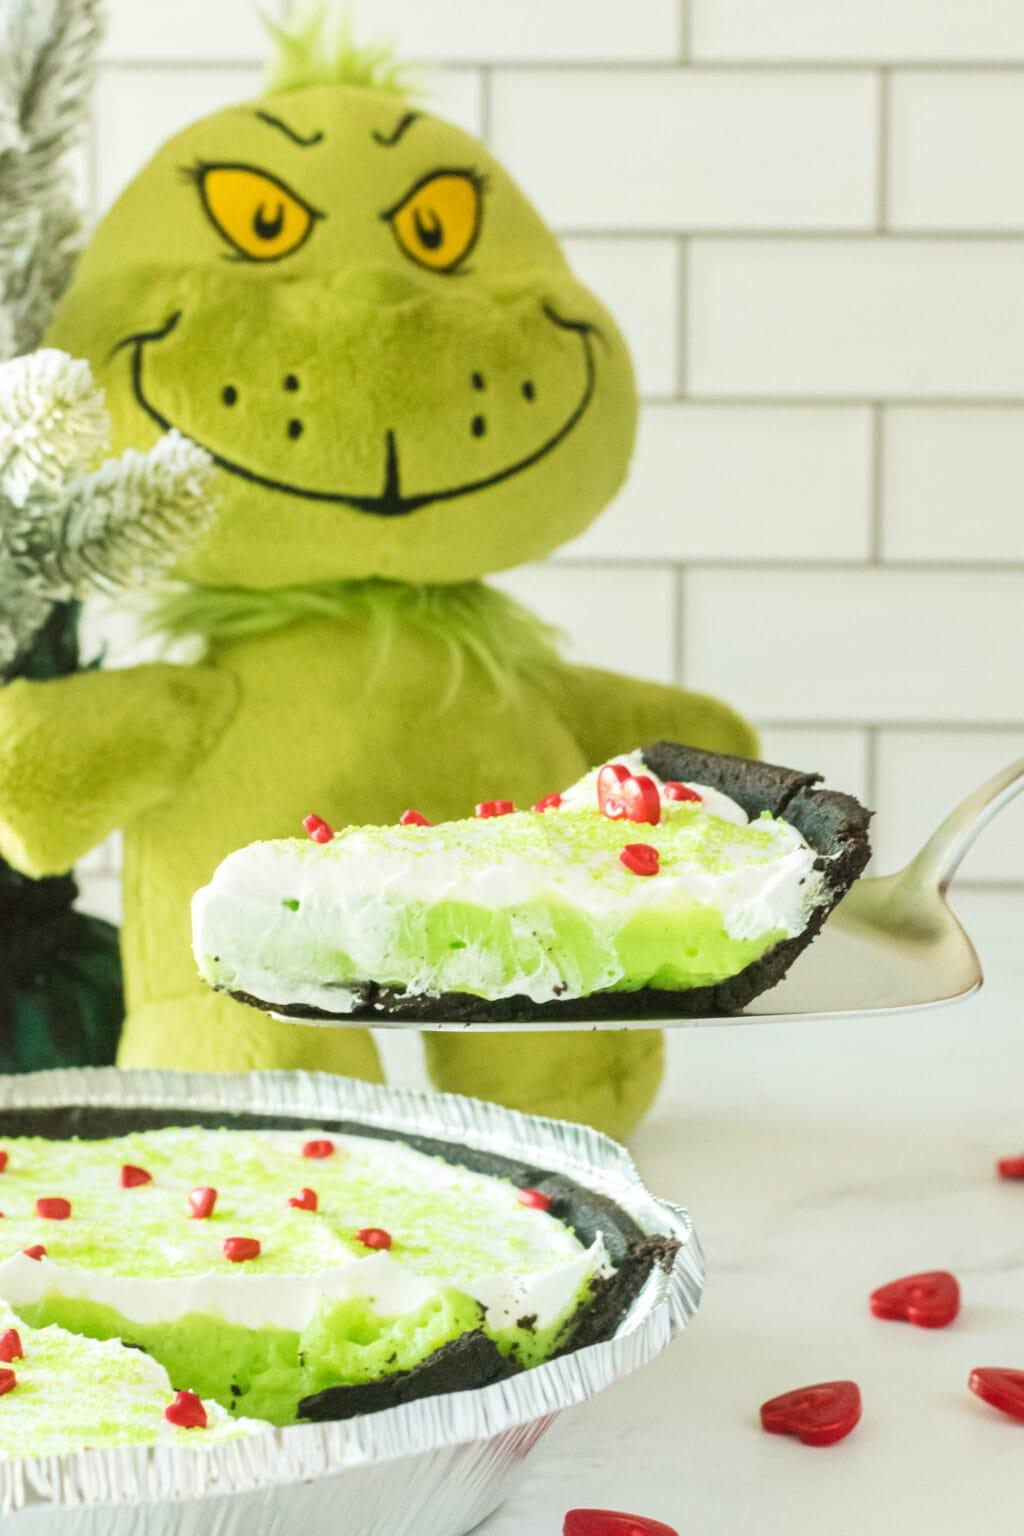 grinch piece of pie being served